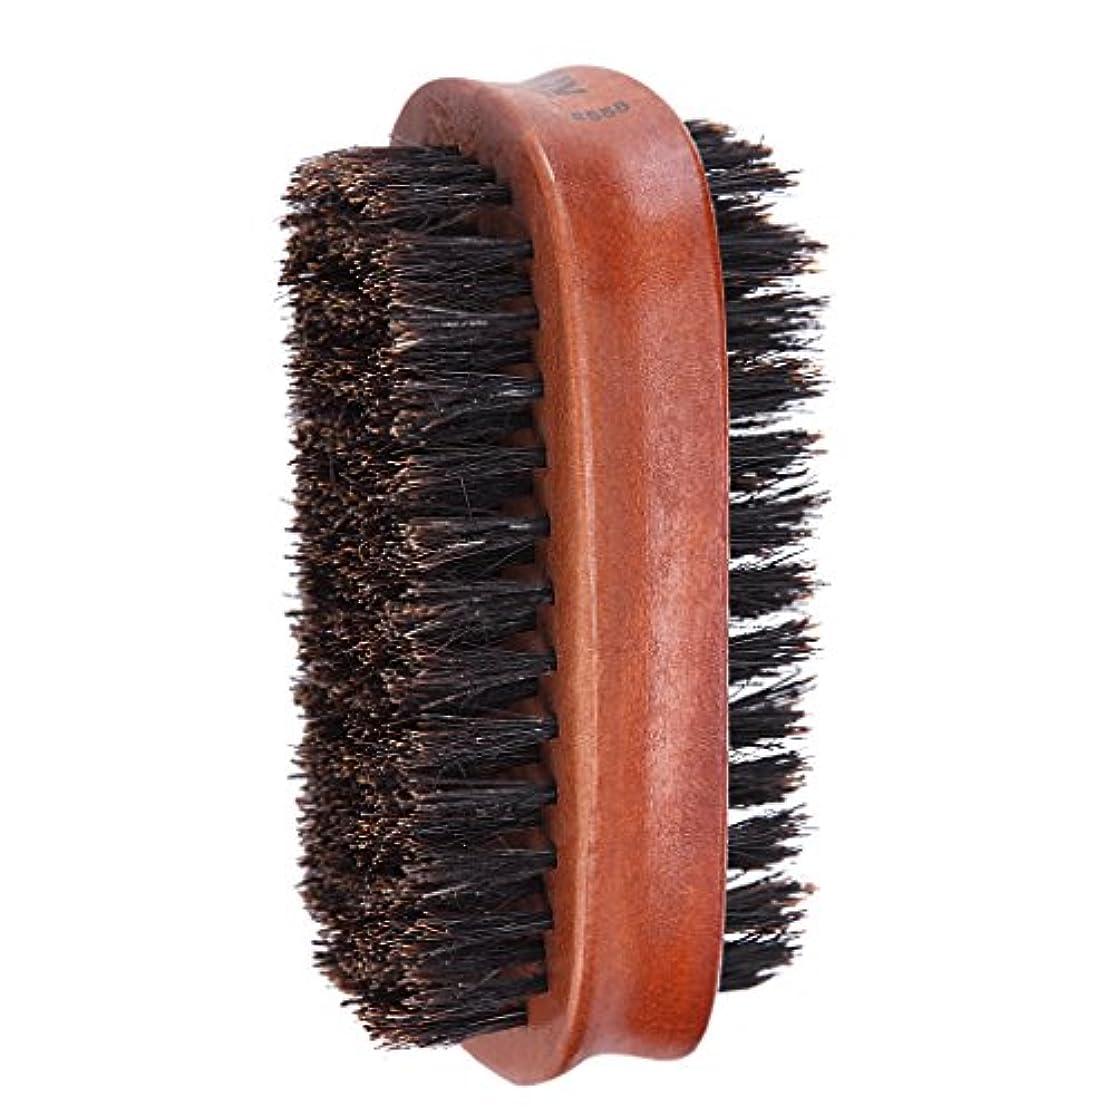 ケニア逆にラウンジToygogo ヘアブラシ 両面ブラシ 男性 髭 口ひげ グルーミングブラシ ブリストルブラシ